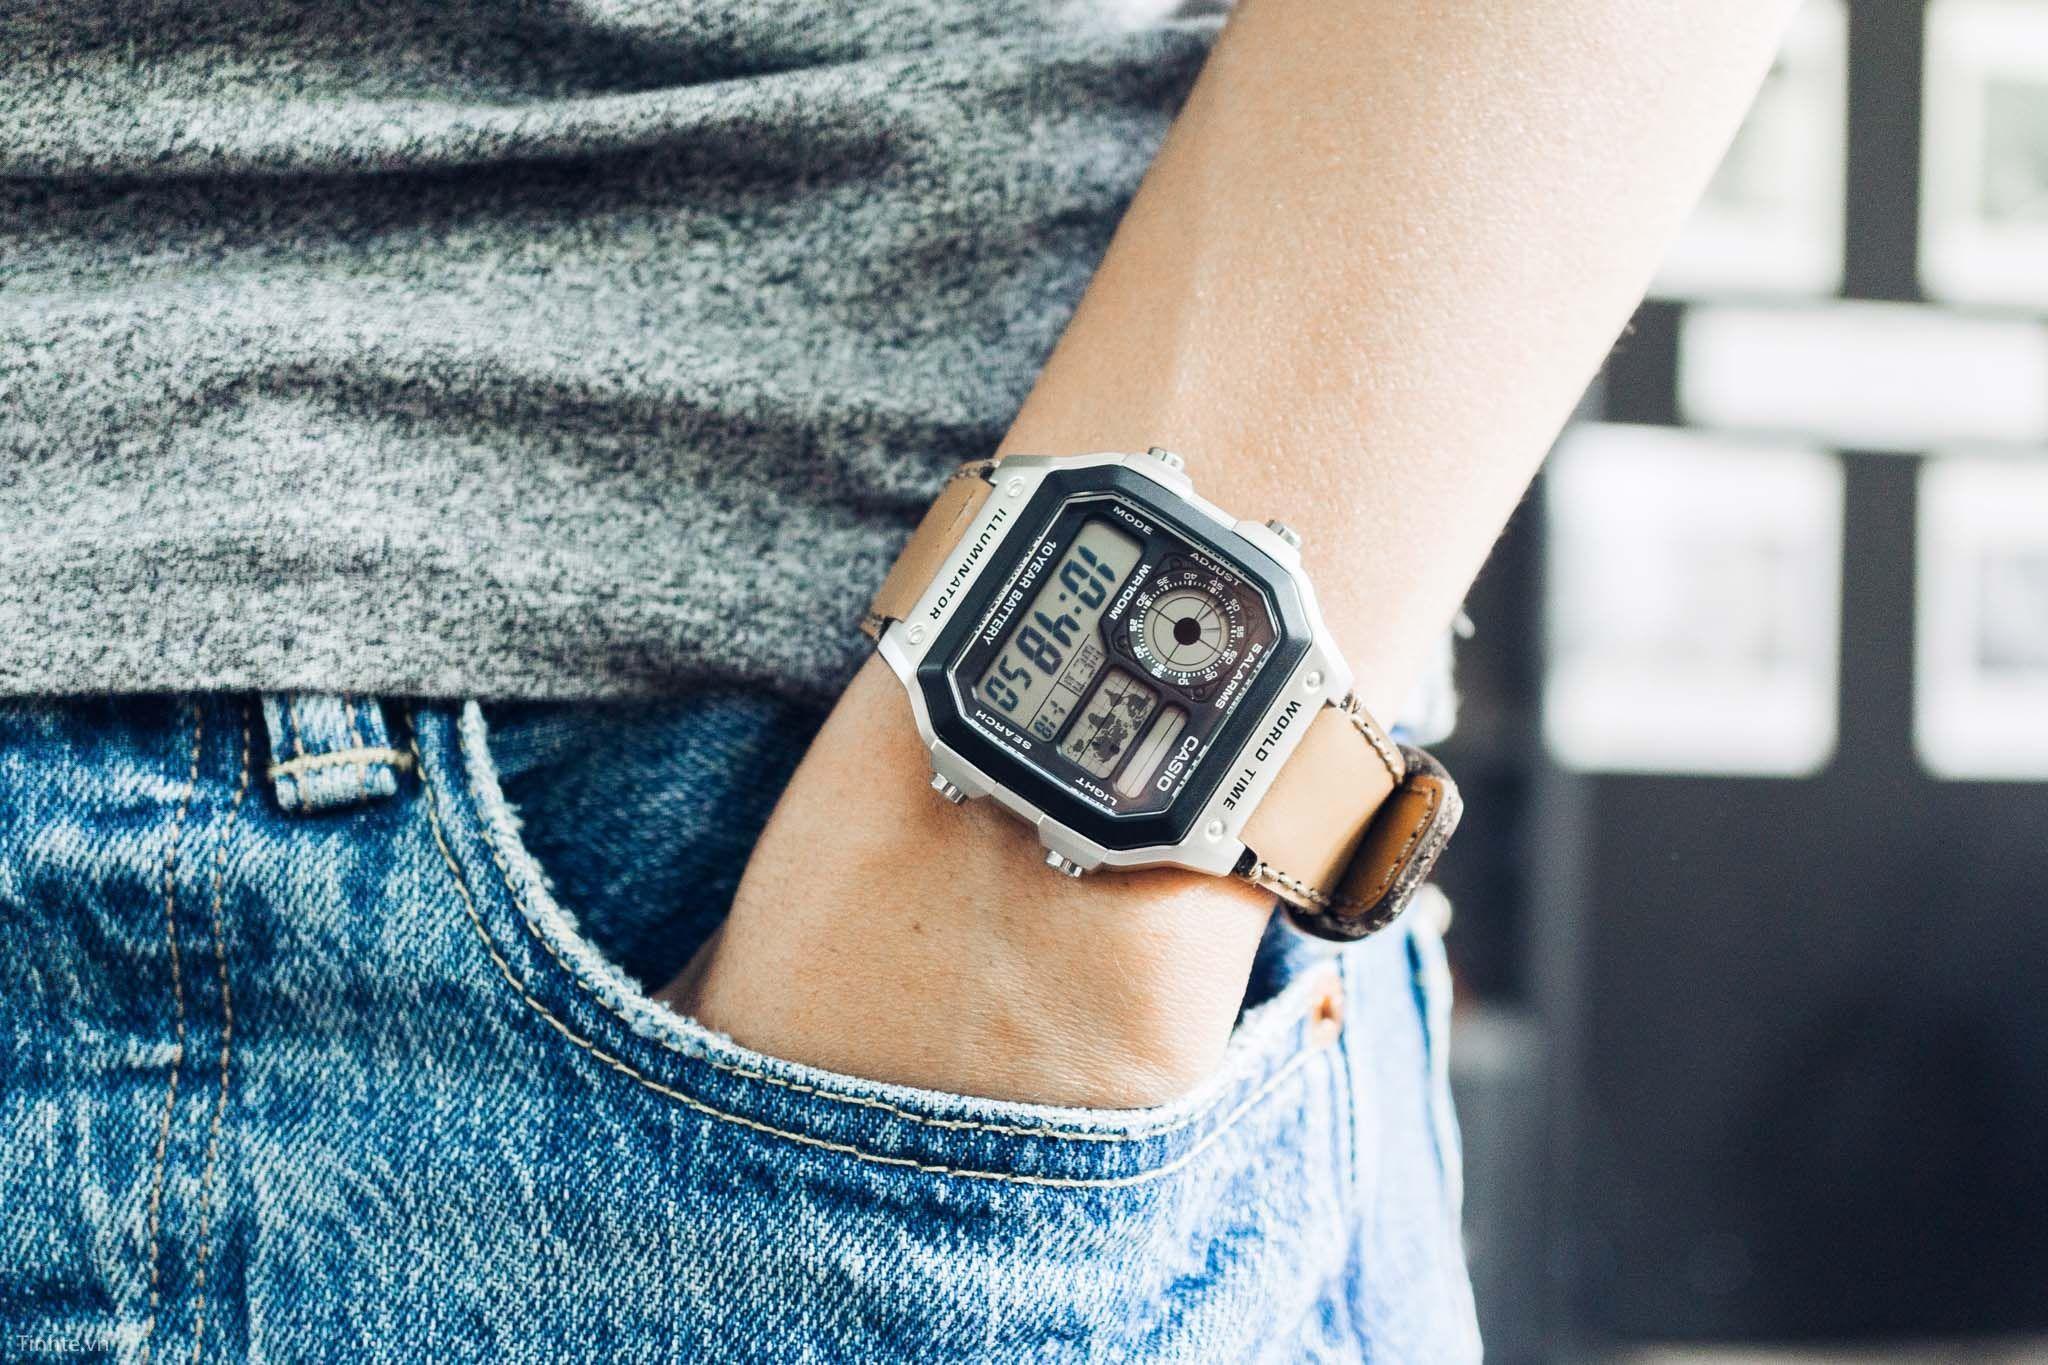 Thông tin chi tiết về đồng hồ Casio AE1200WHD